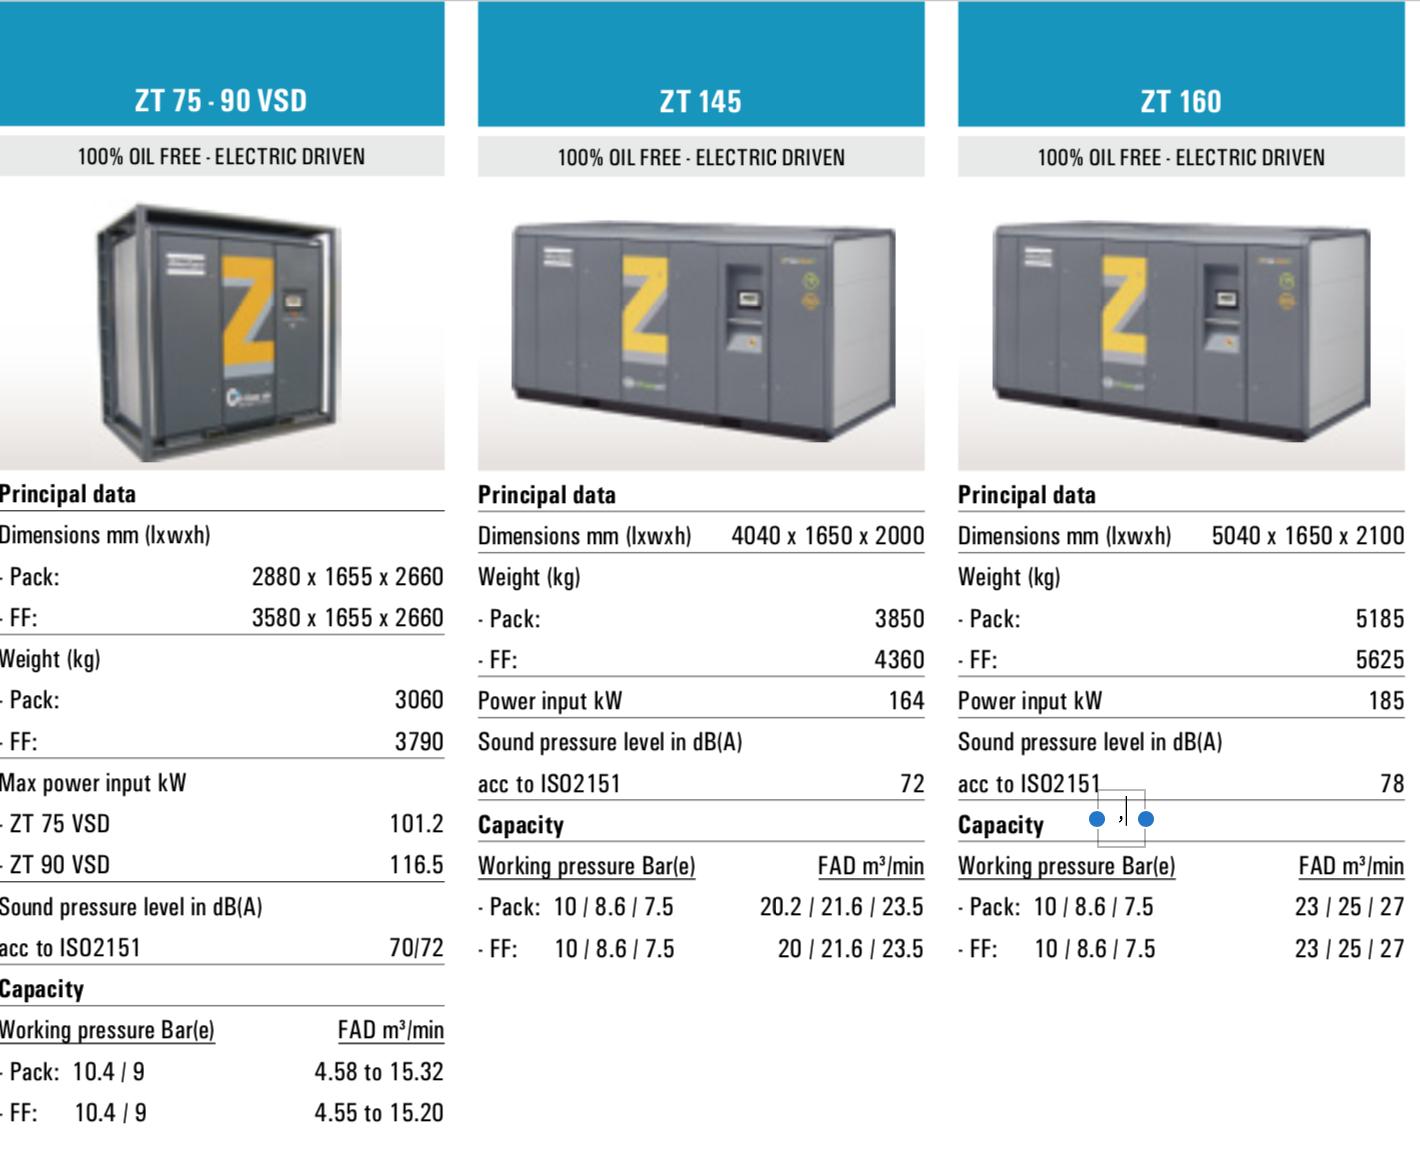 در تصویر اطلاعات مختصر فنی کمپرسورهای برقی اطلس کوپکو ZT 75-90، ZT 145 و ZT 160 آمده است.